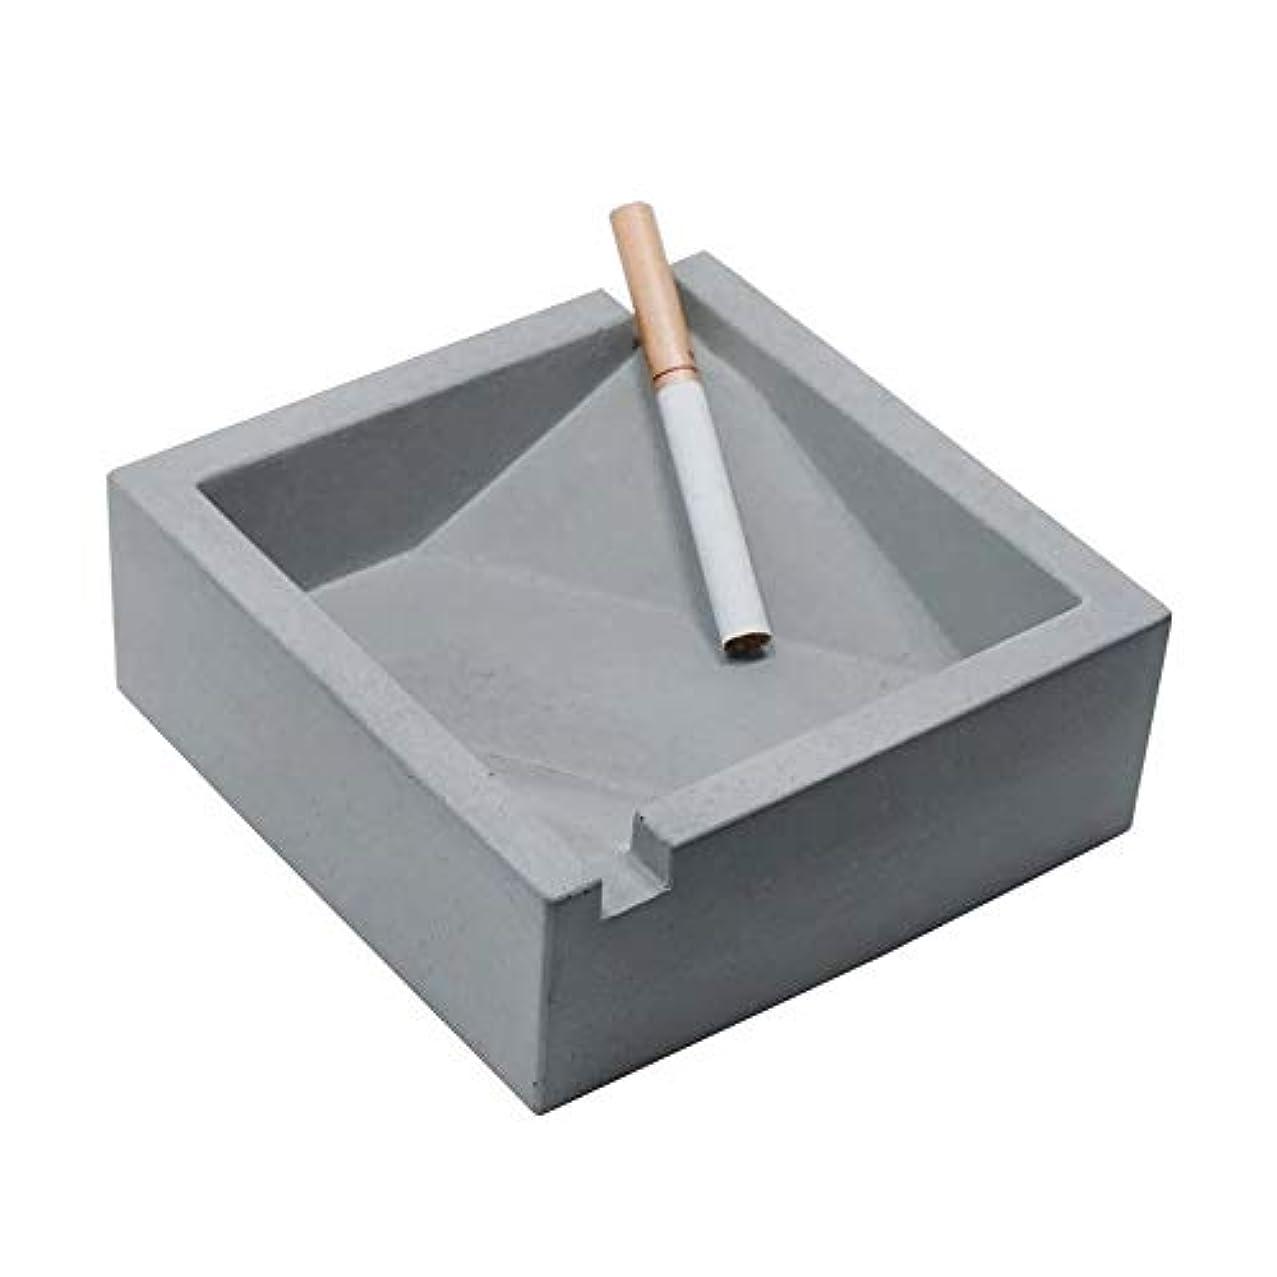 レポートを書く脅かす系統的ヴィンテージリビングルームオフィスコーヒーテーブル装飾灰皿、セメント灰皿工業用風スクエアコンクリートシガレット灰皿、品質保証